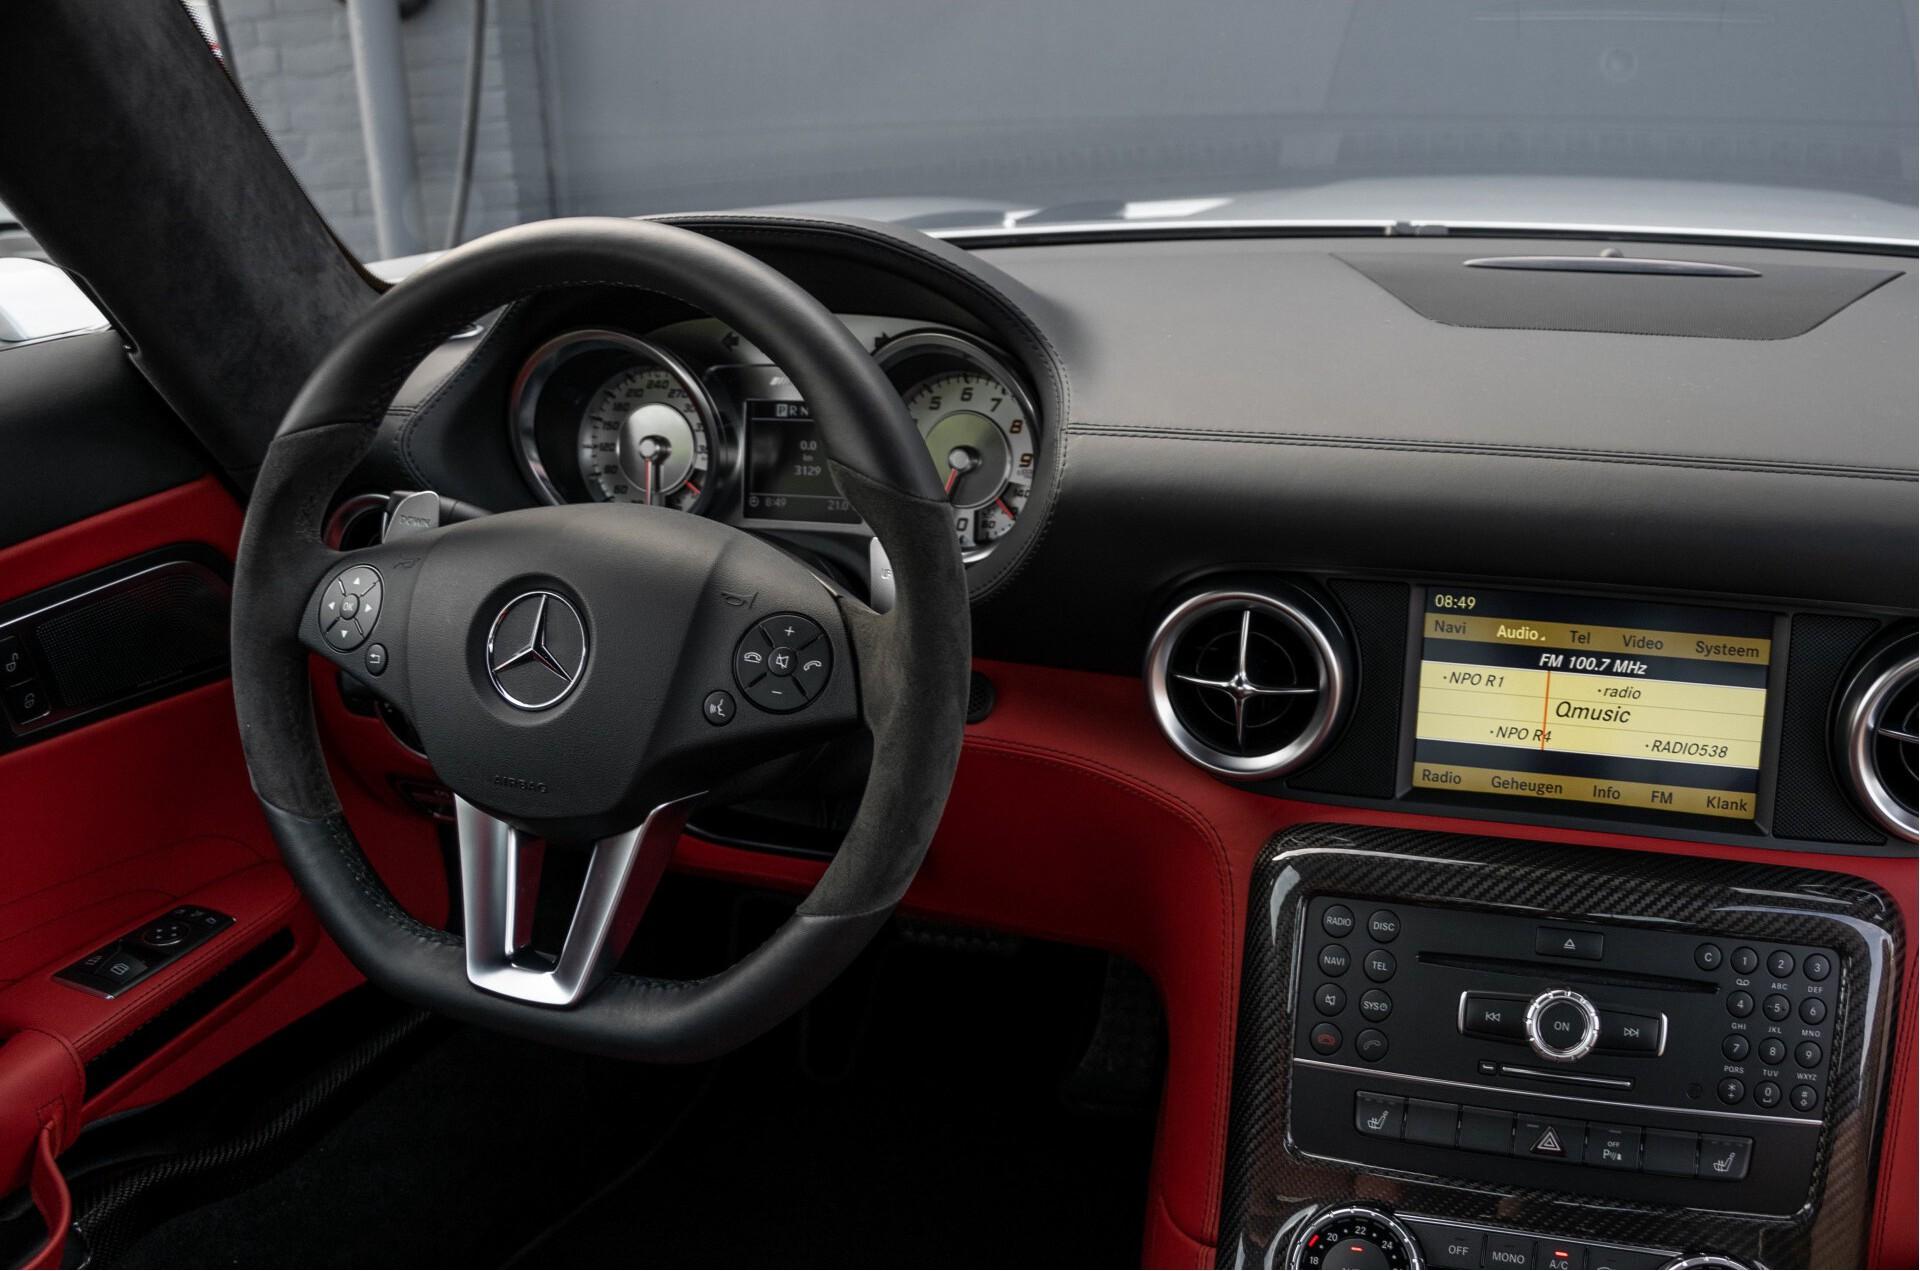 Mercedes-Benz SLS Coupé 6.3 AMG 1ste eigenaar/NL Auto FULL OPTIONS Aut7 Foto 8